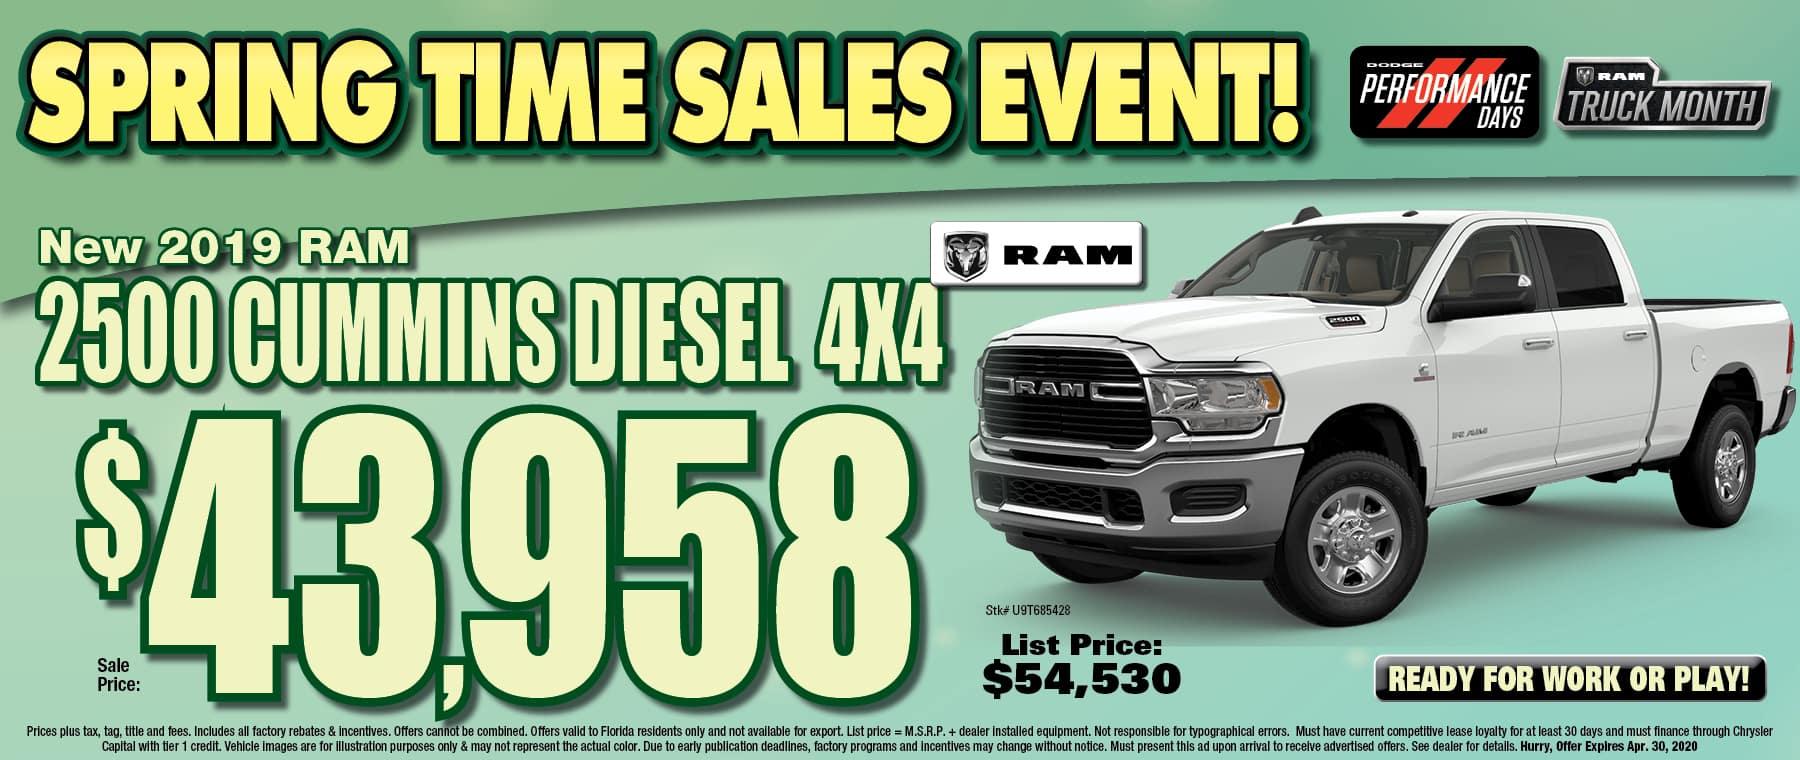 New Ram 2500 Diesel!